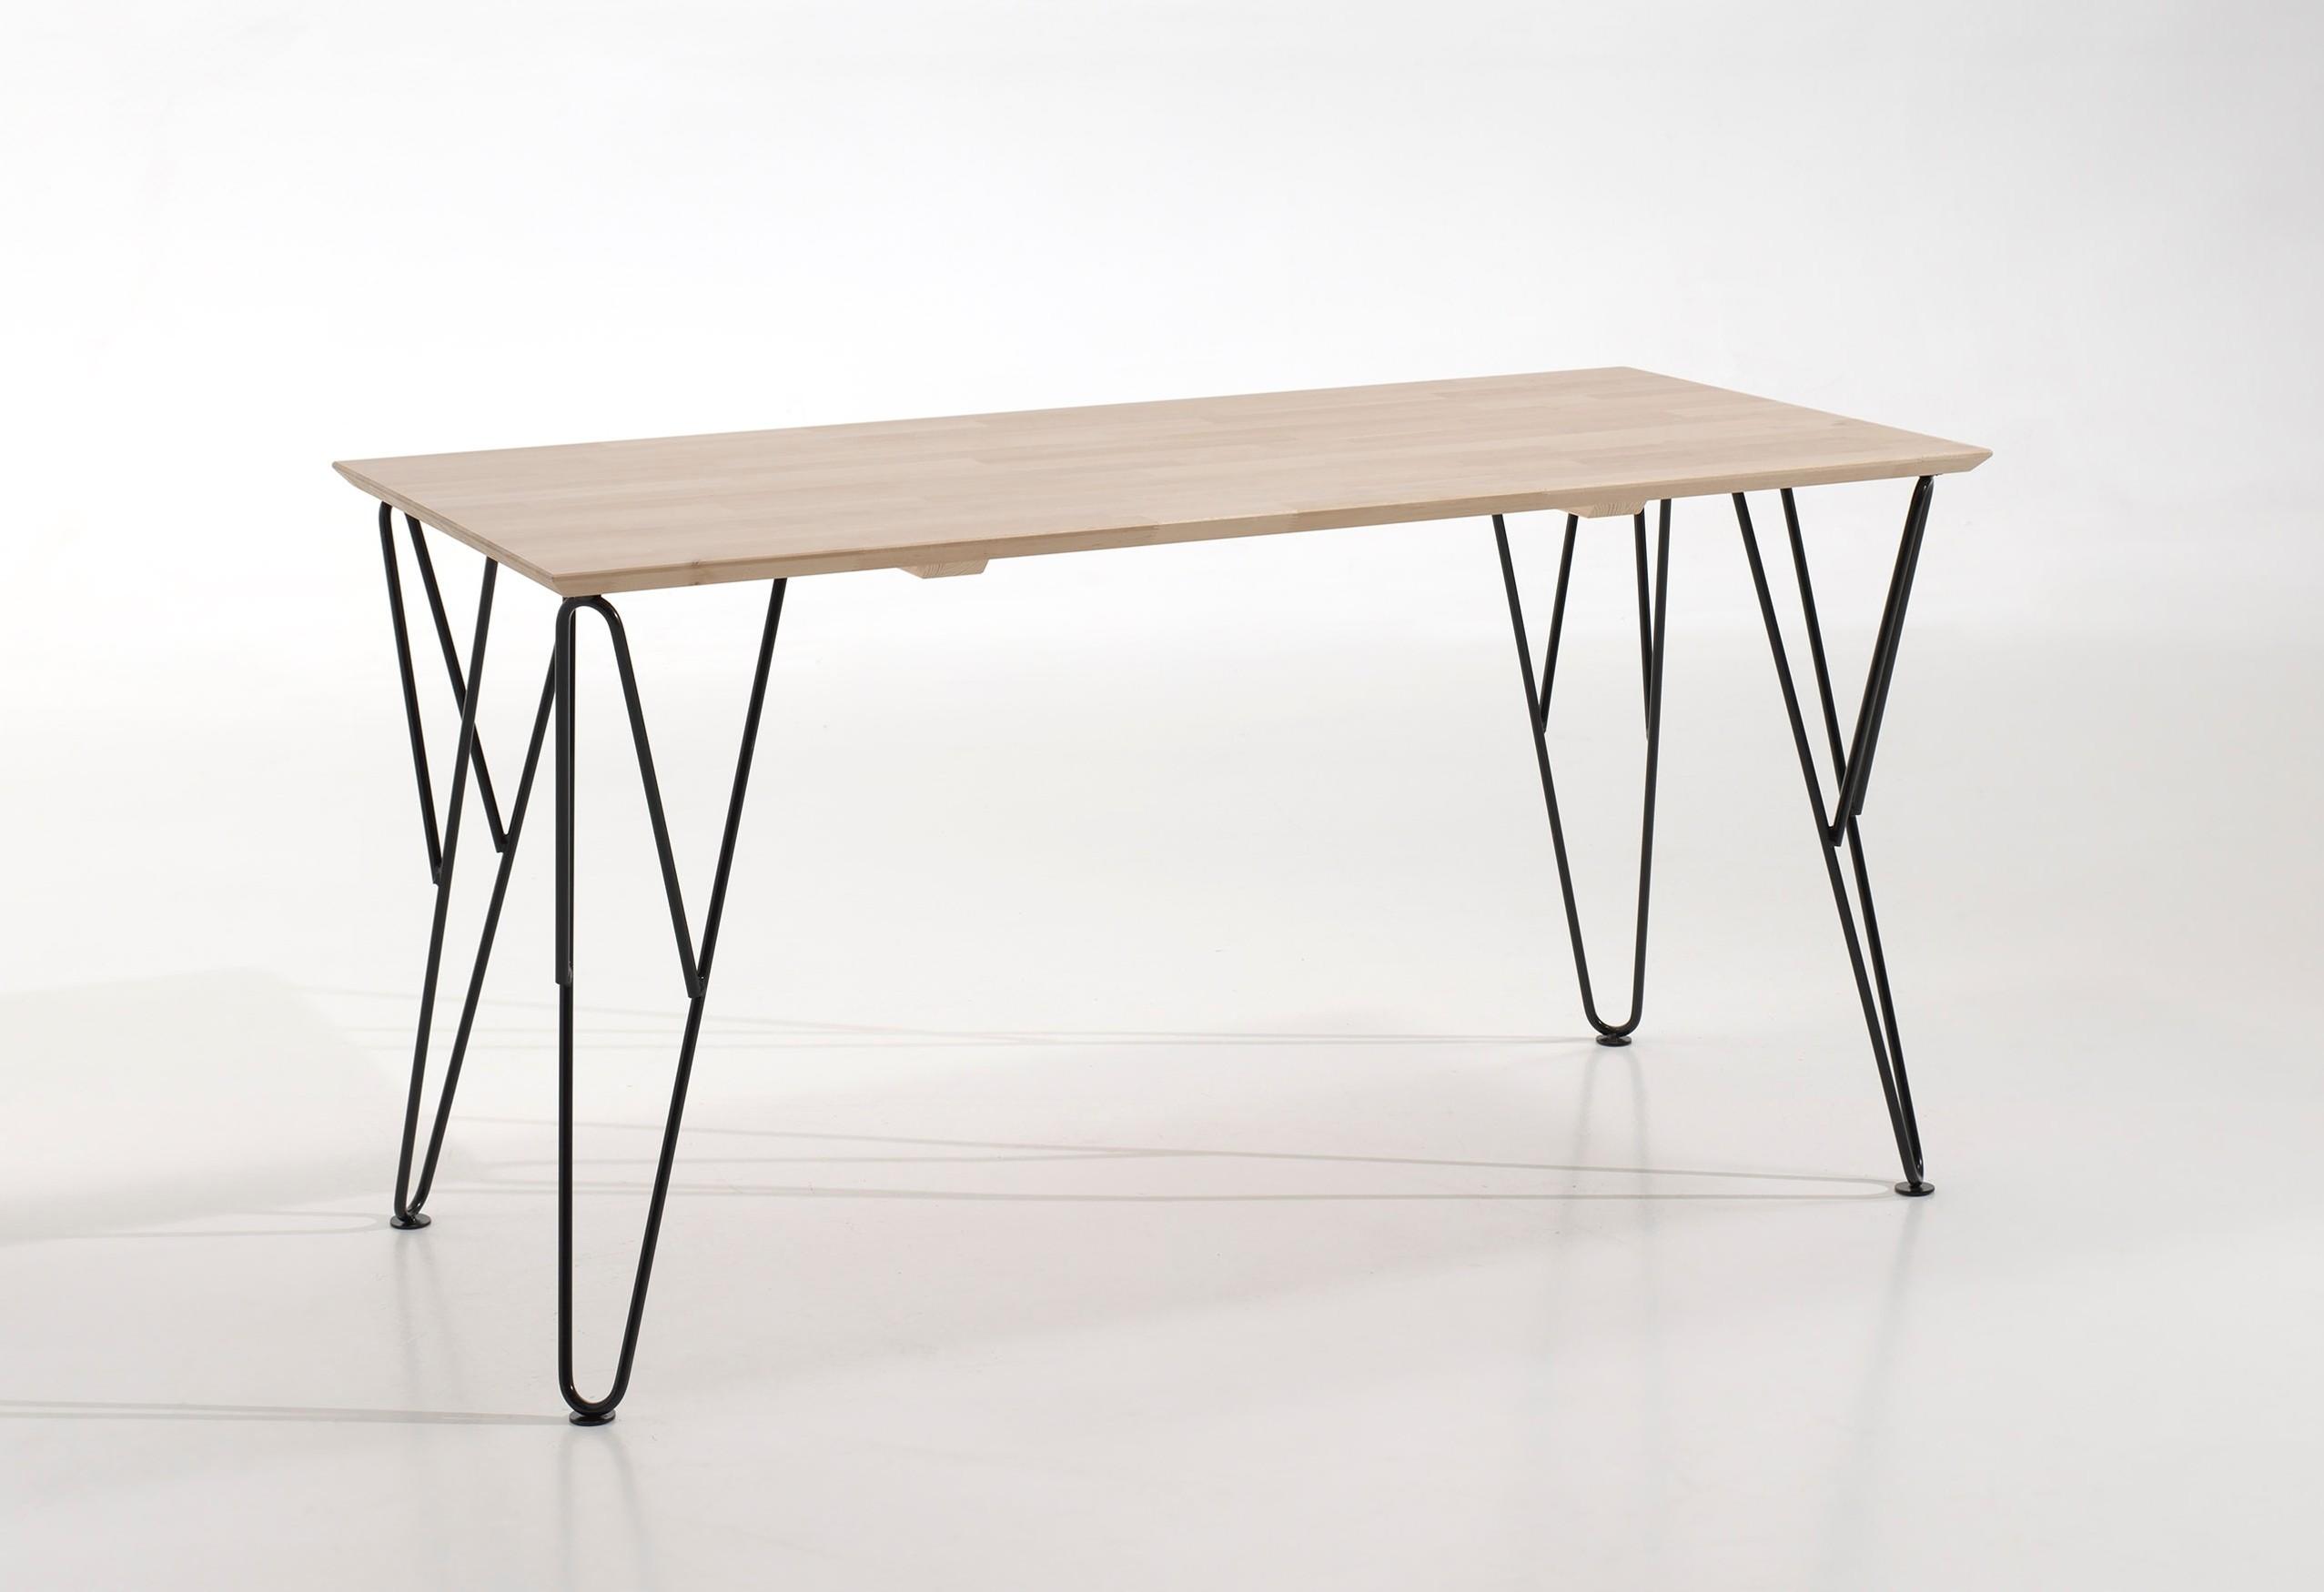 Schreibtisch william 150 cm breit birke natur kinder for Schreibtisch 150 cm breit